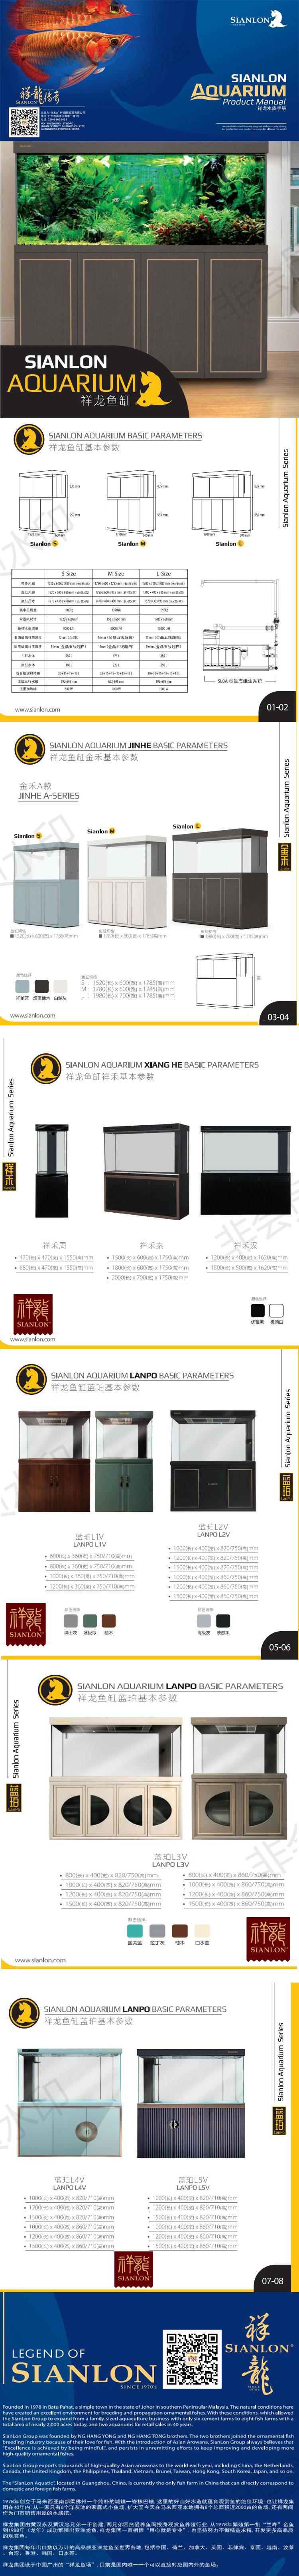 西安琉璃水族祥龙传奇品牌鱼缸 西安鱼缸 西安博特第2张